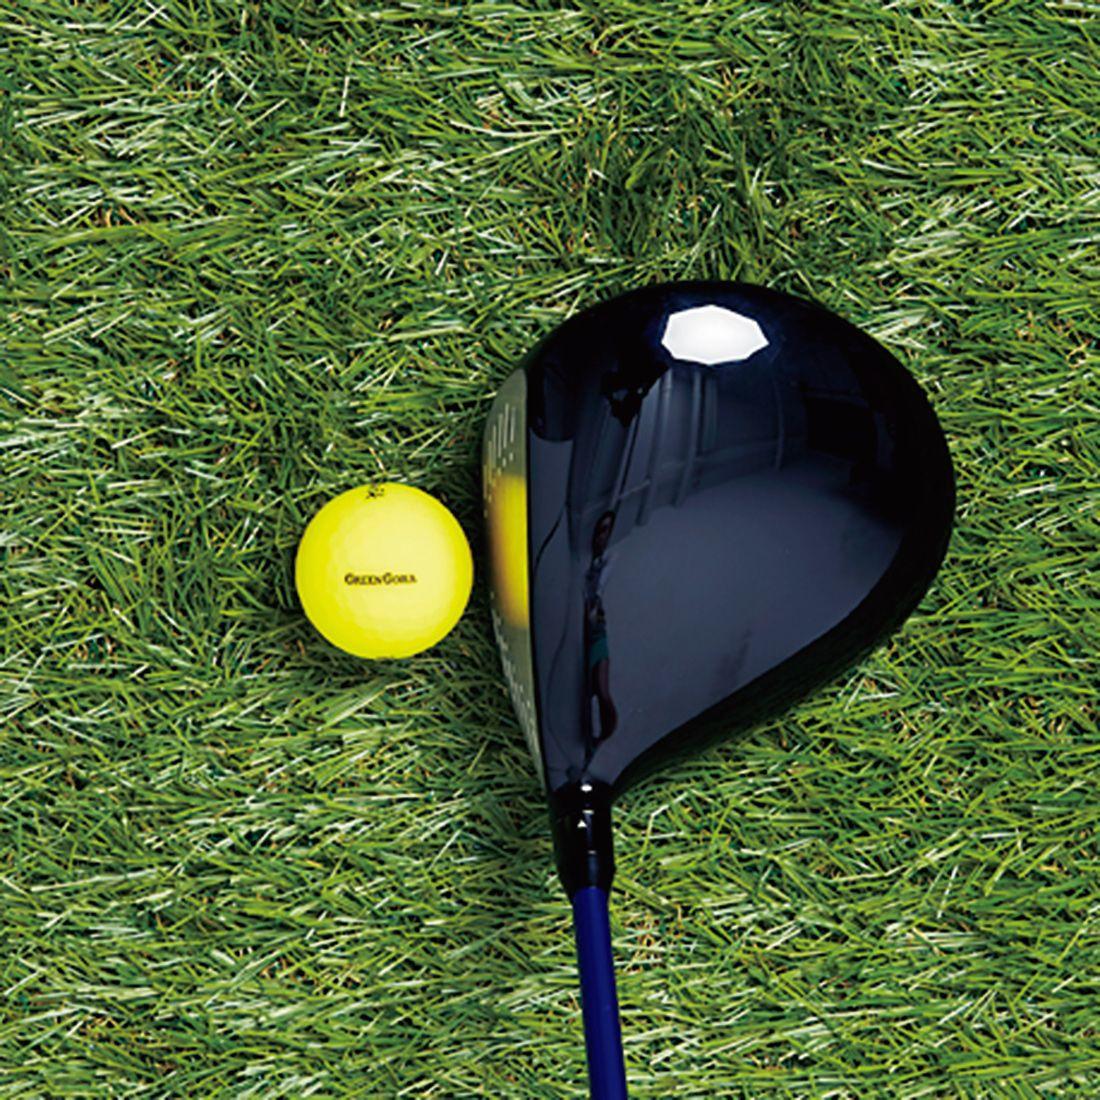 クラブごとにボールを見る時の目線を変えるといい。